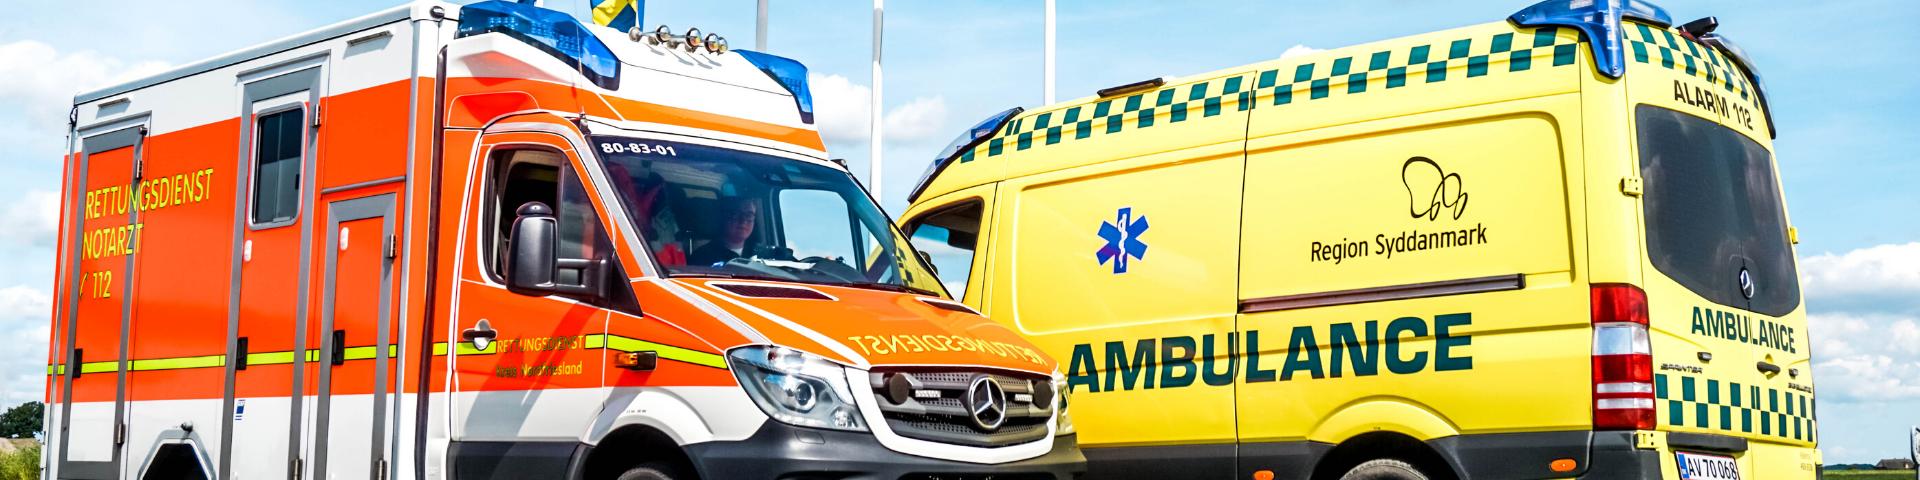 tysk og dansk ambulancevogn